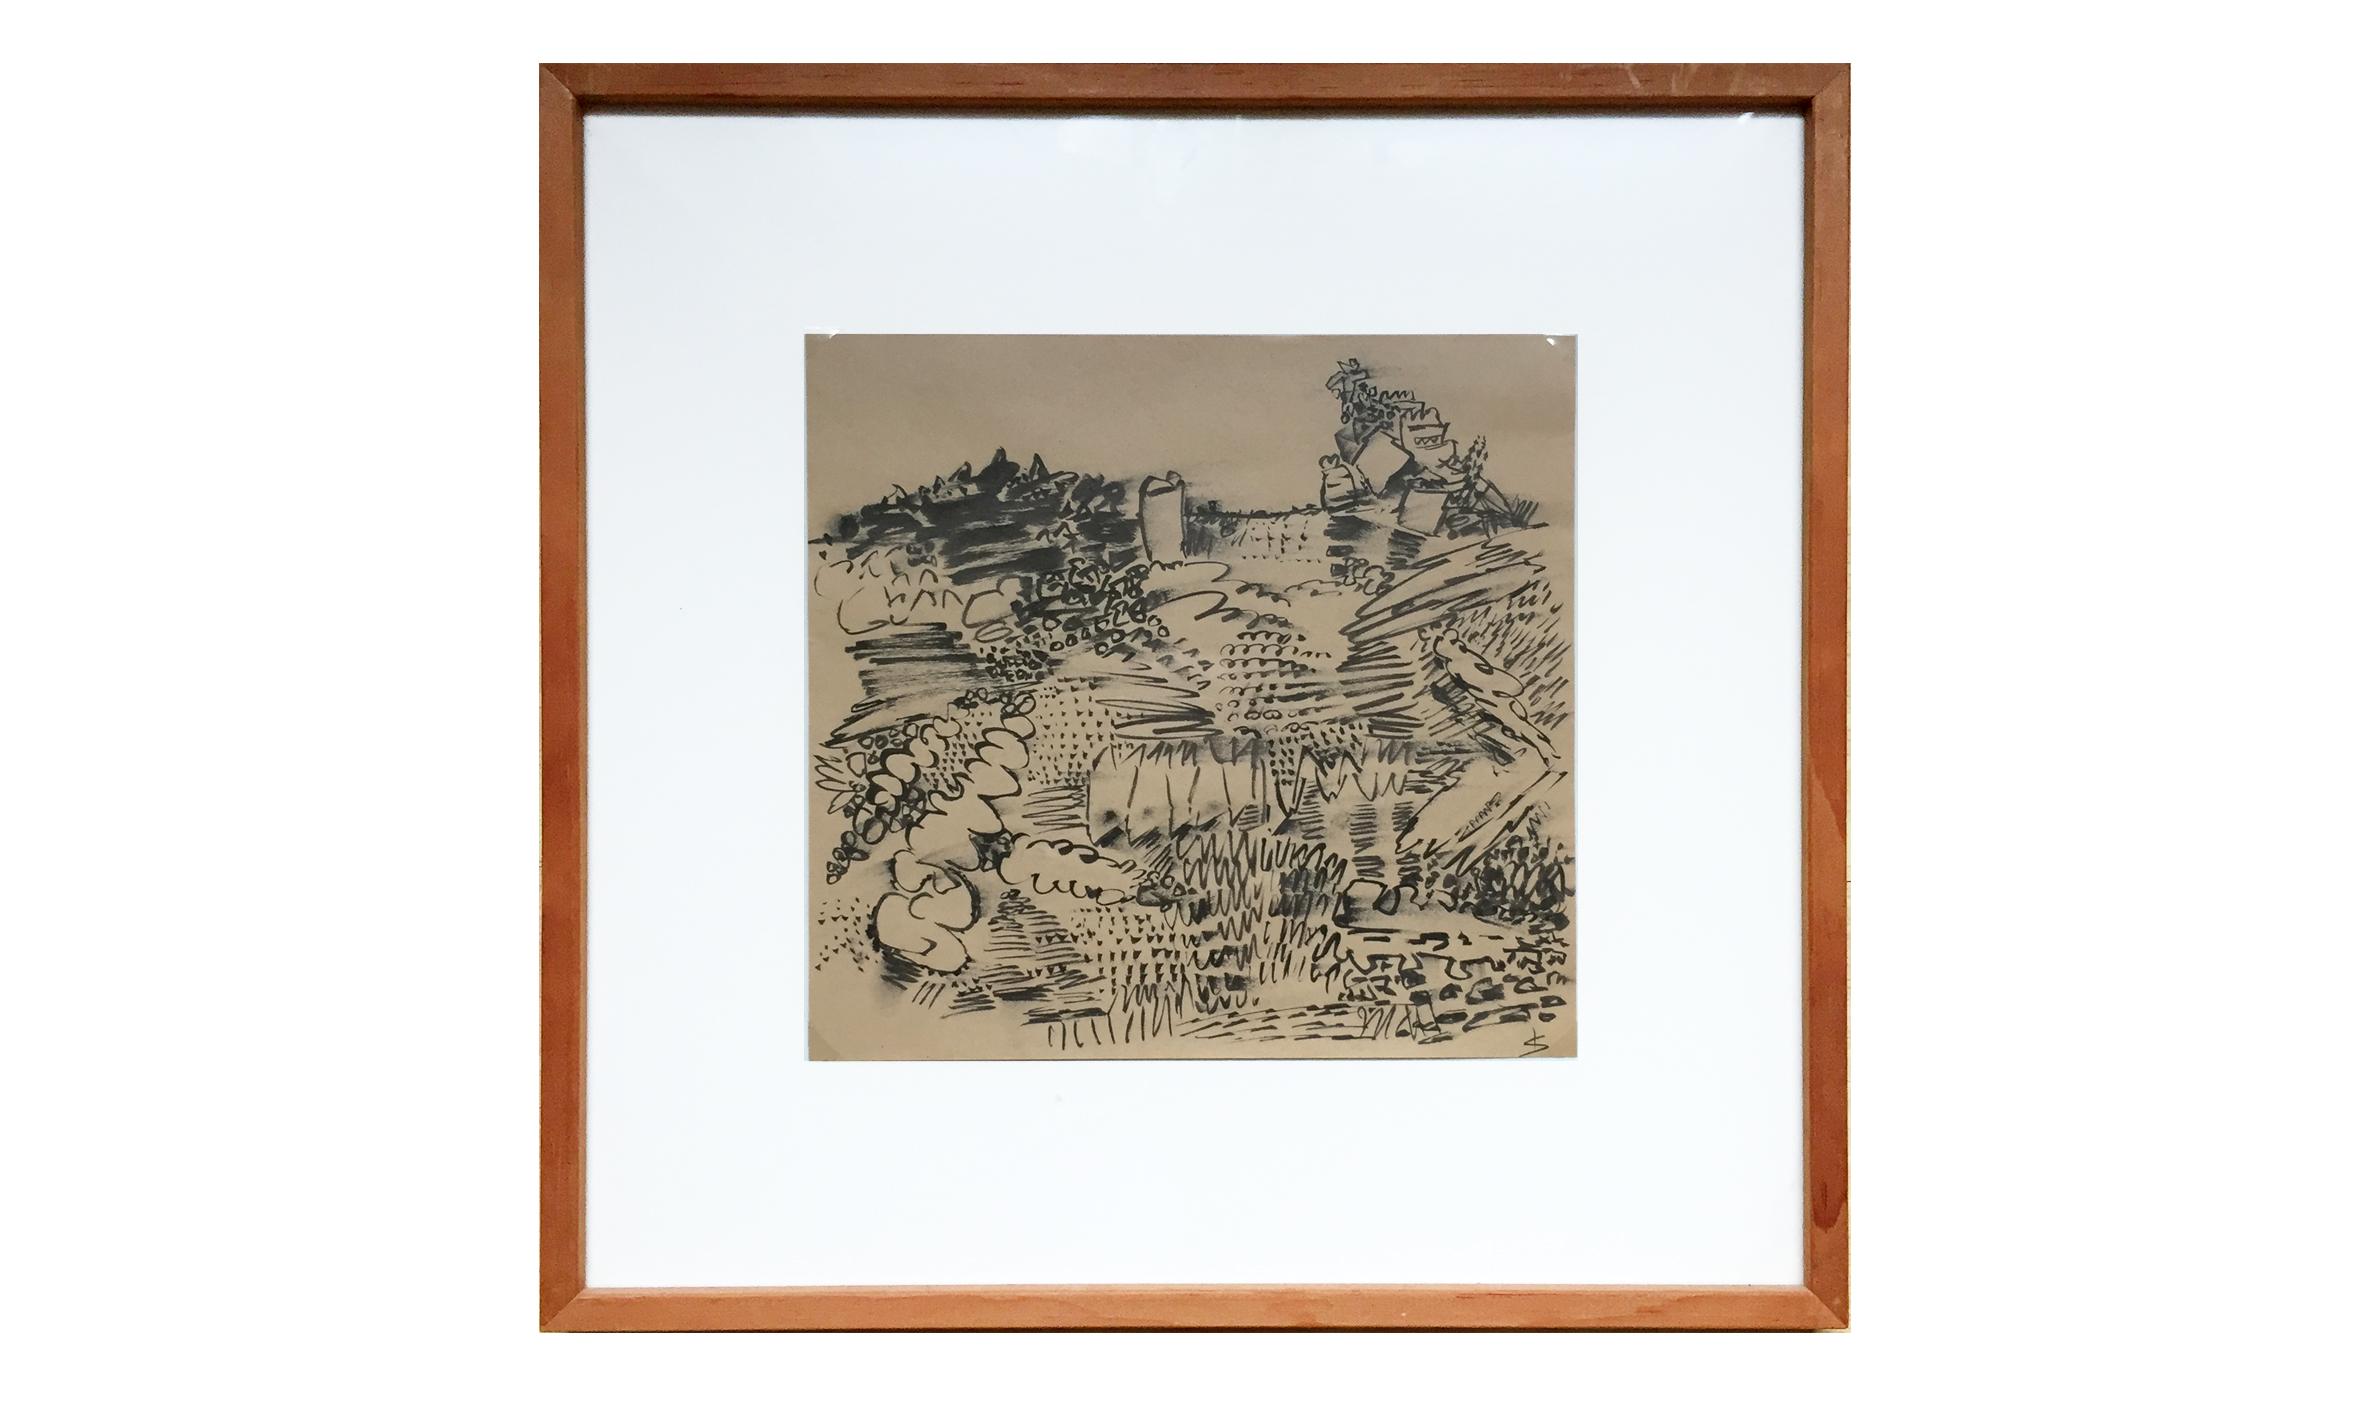 Ohne Titel, 1989, 21 x 22 cm, Tusche auf Papier, Gerahmt Holzrahmen, CHF 380.–